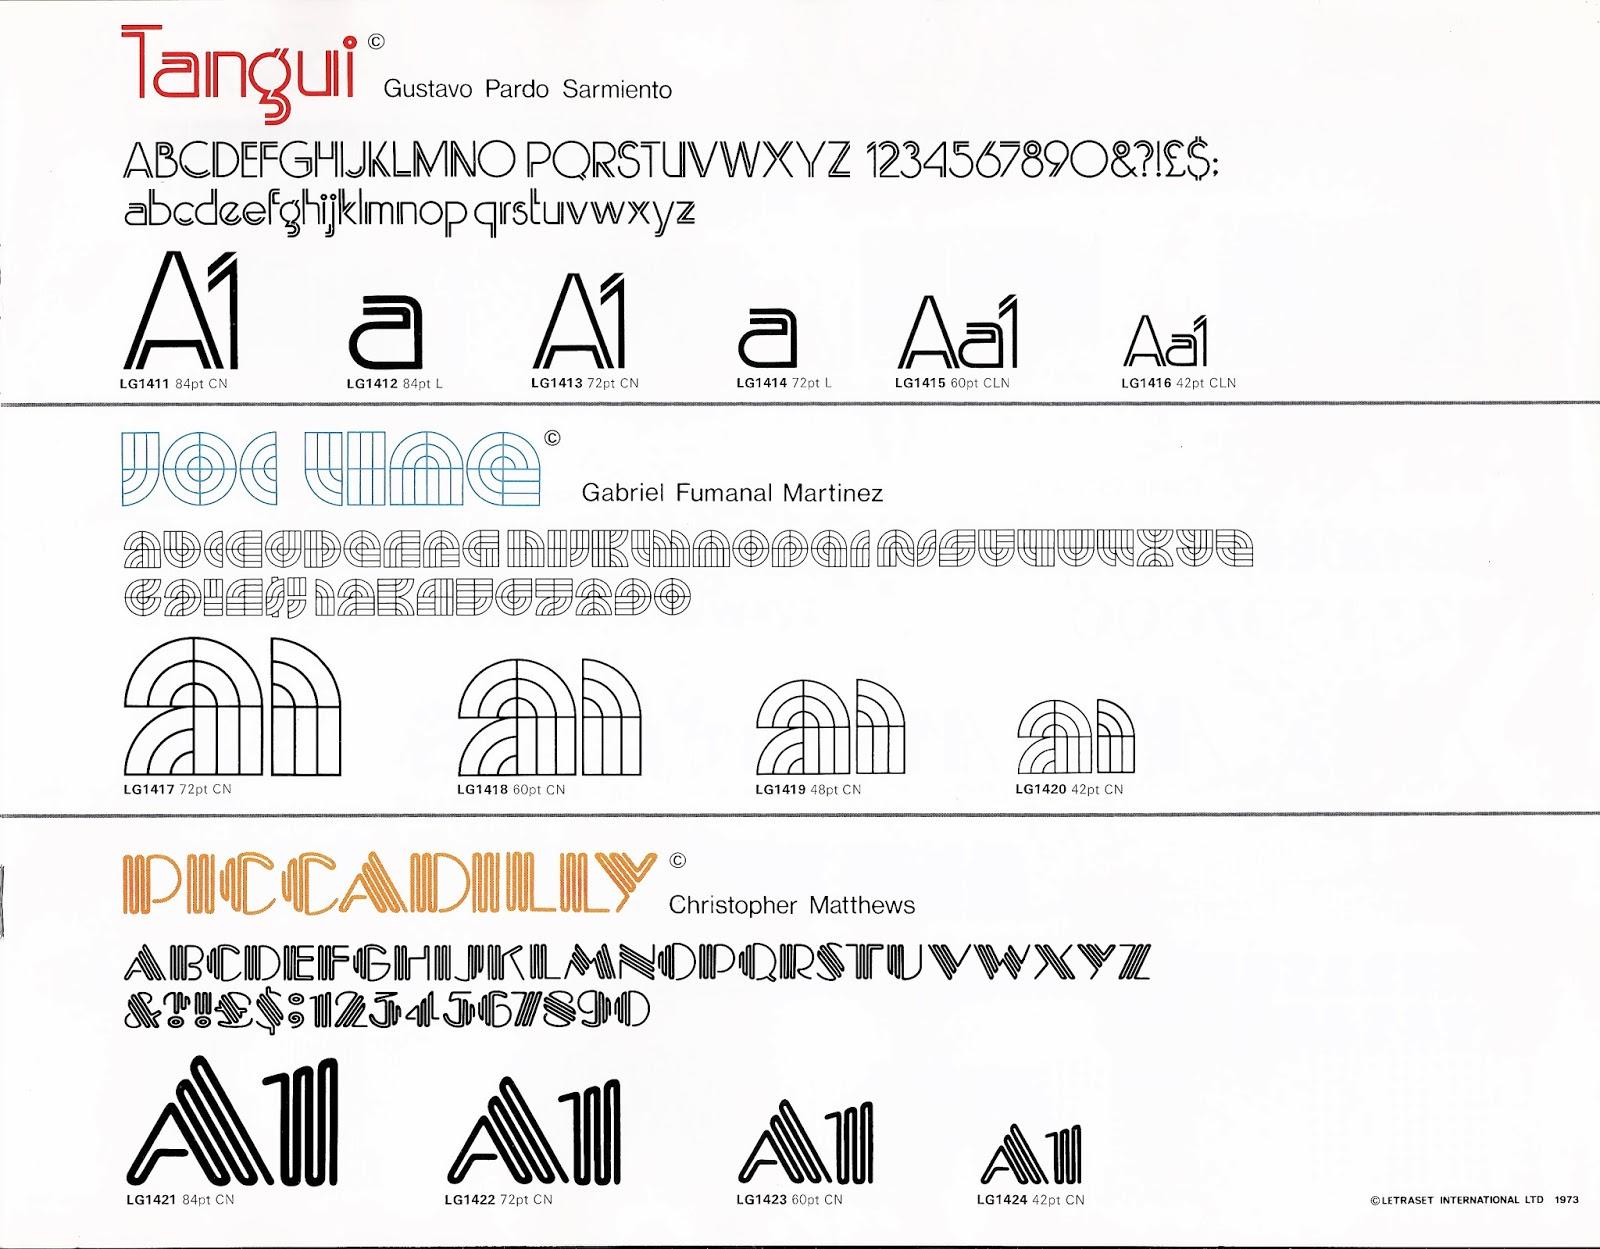 bembatype: La tipografía Tangui de Gustavo Pardo Sarmiento